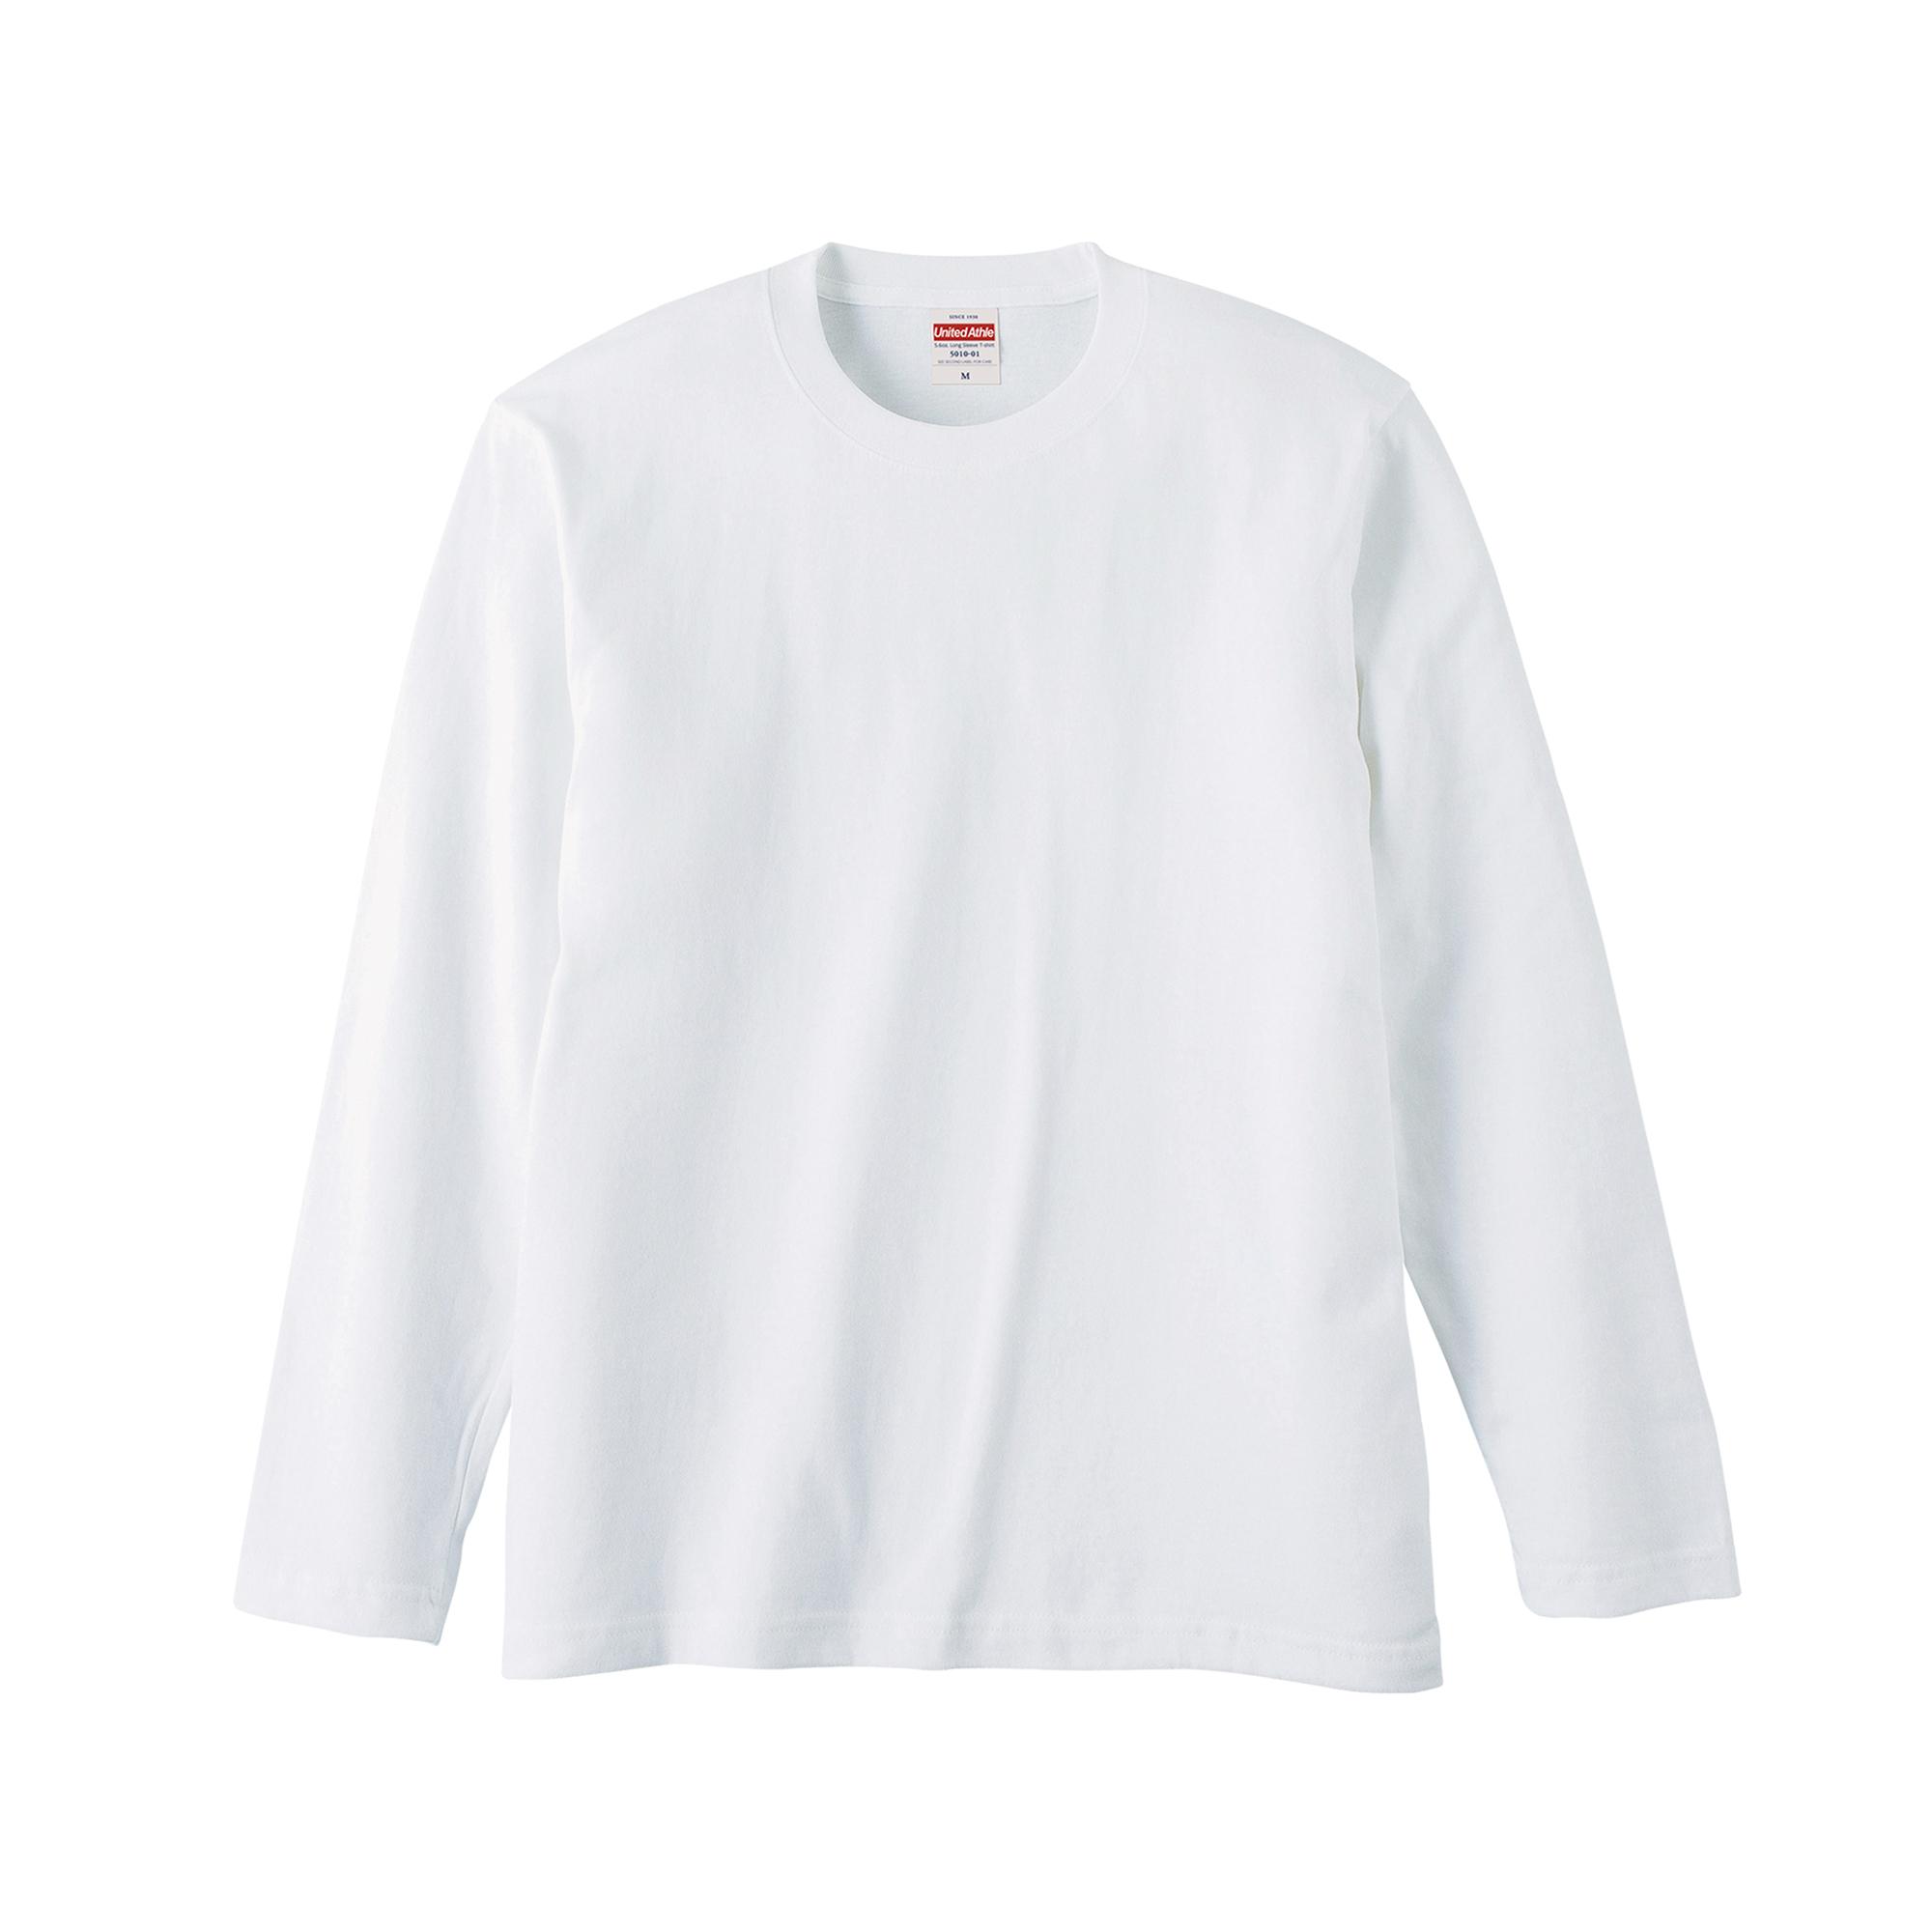 デザインチョイス 長袖5.6オンス ロングスリーブ Tシャツ